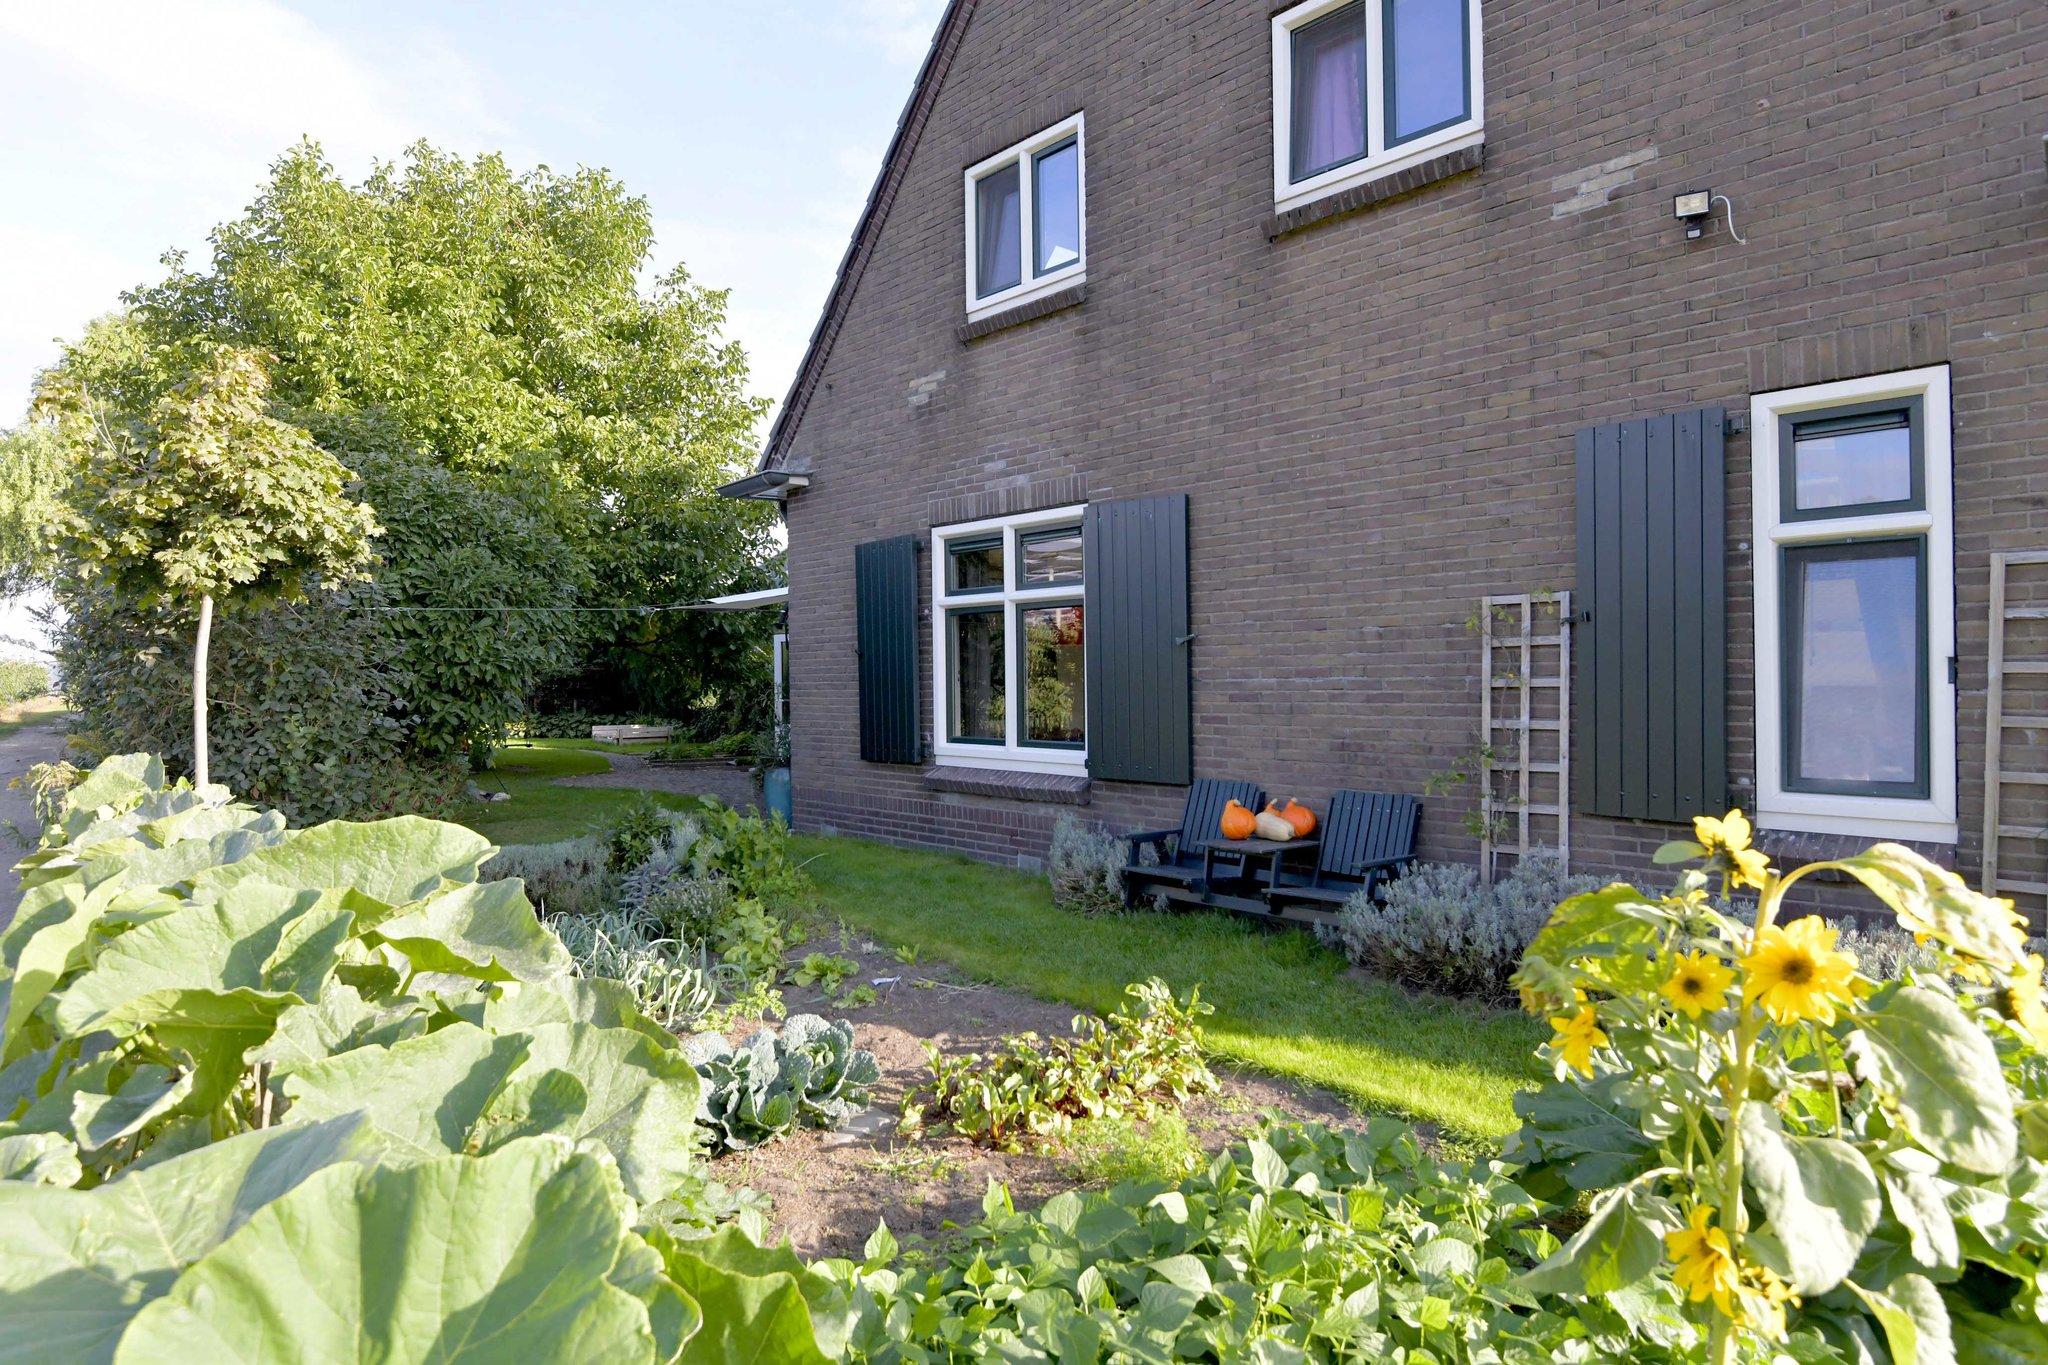 gorssel-gorsselse-enkweg-4154865-foto-33.jpg